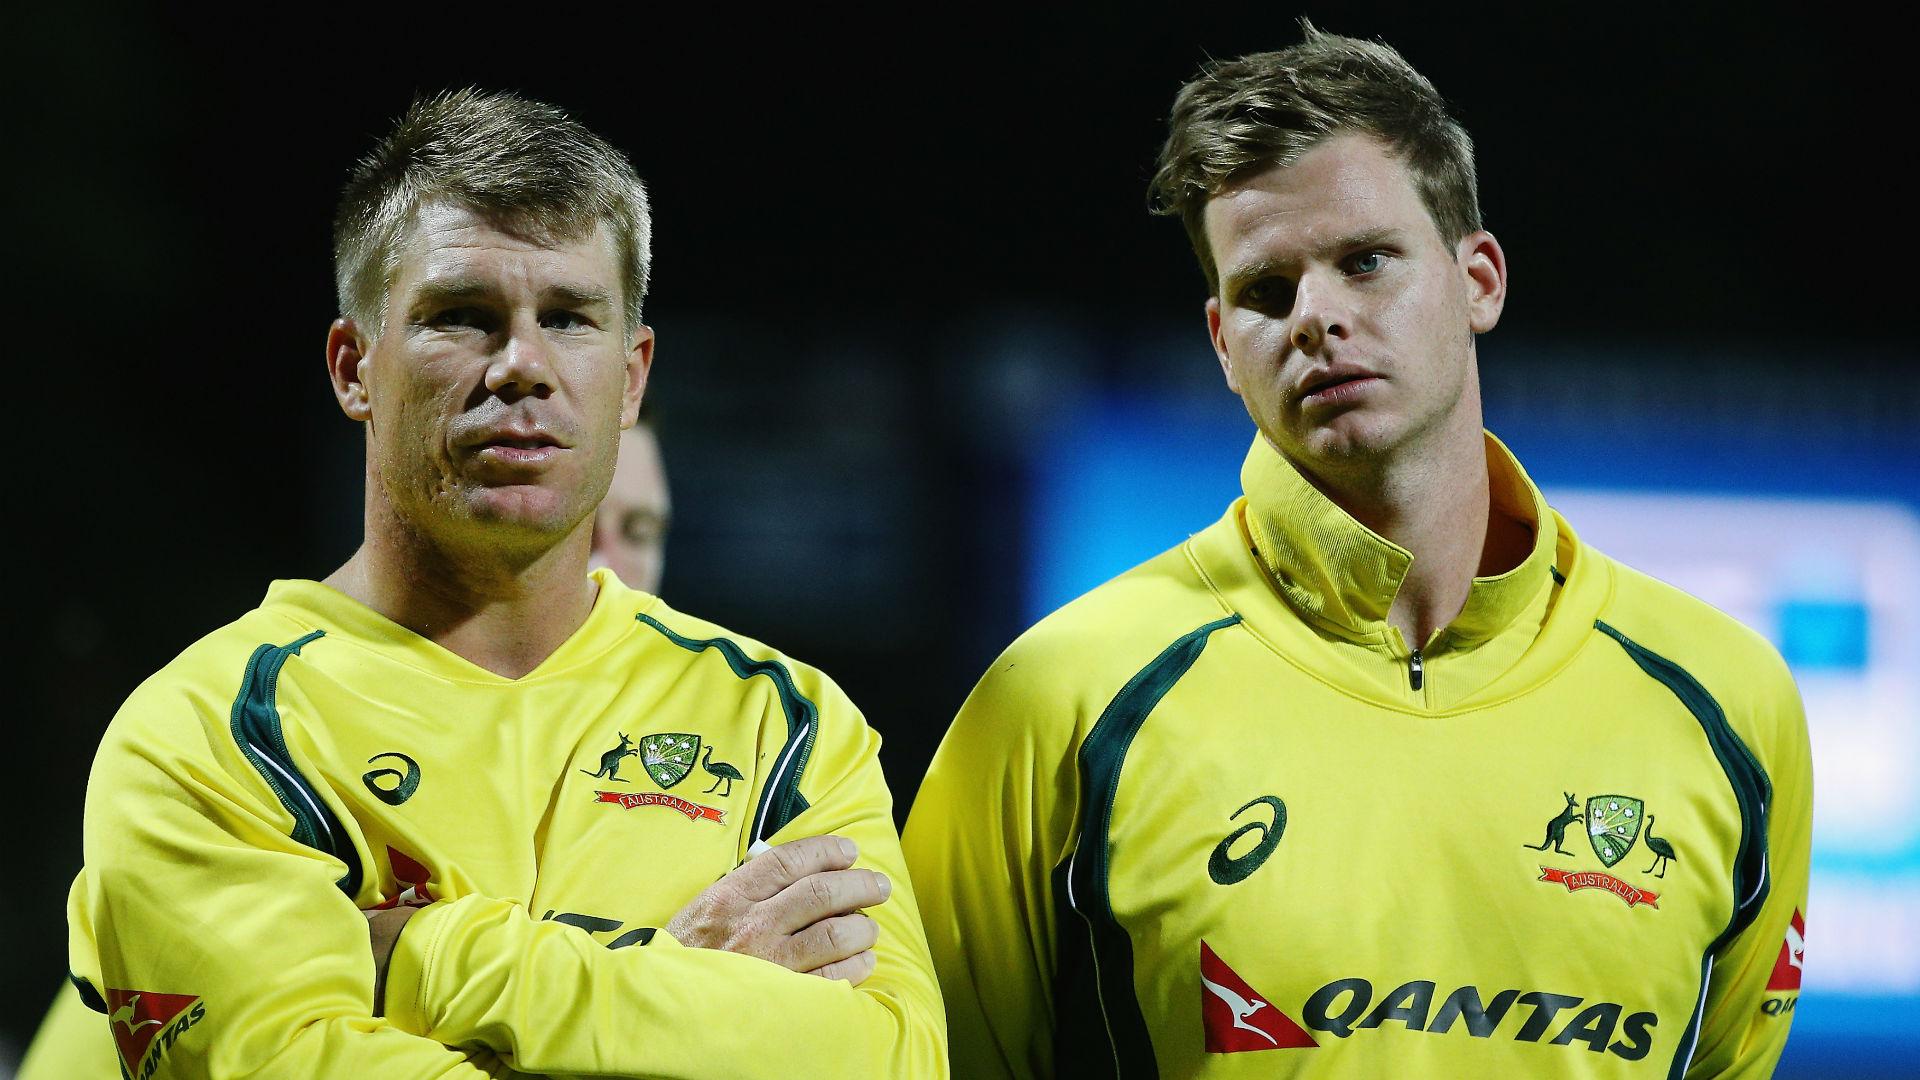 बॉल टेंपरिंग कांड के बाद स्टीवन स्मिथ और डेविड वार्नर लंबे समय बाद उतरे ऑस्ट्रेलियाई मैदान में, खेली दमदार पारी 1